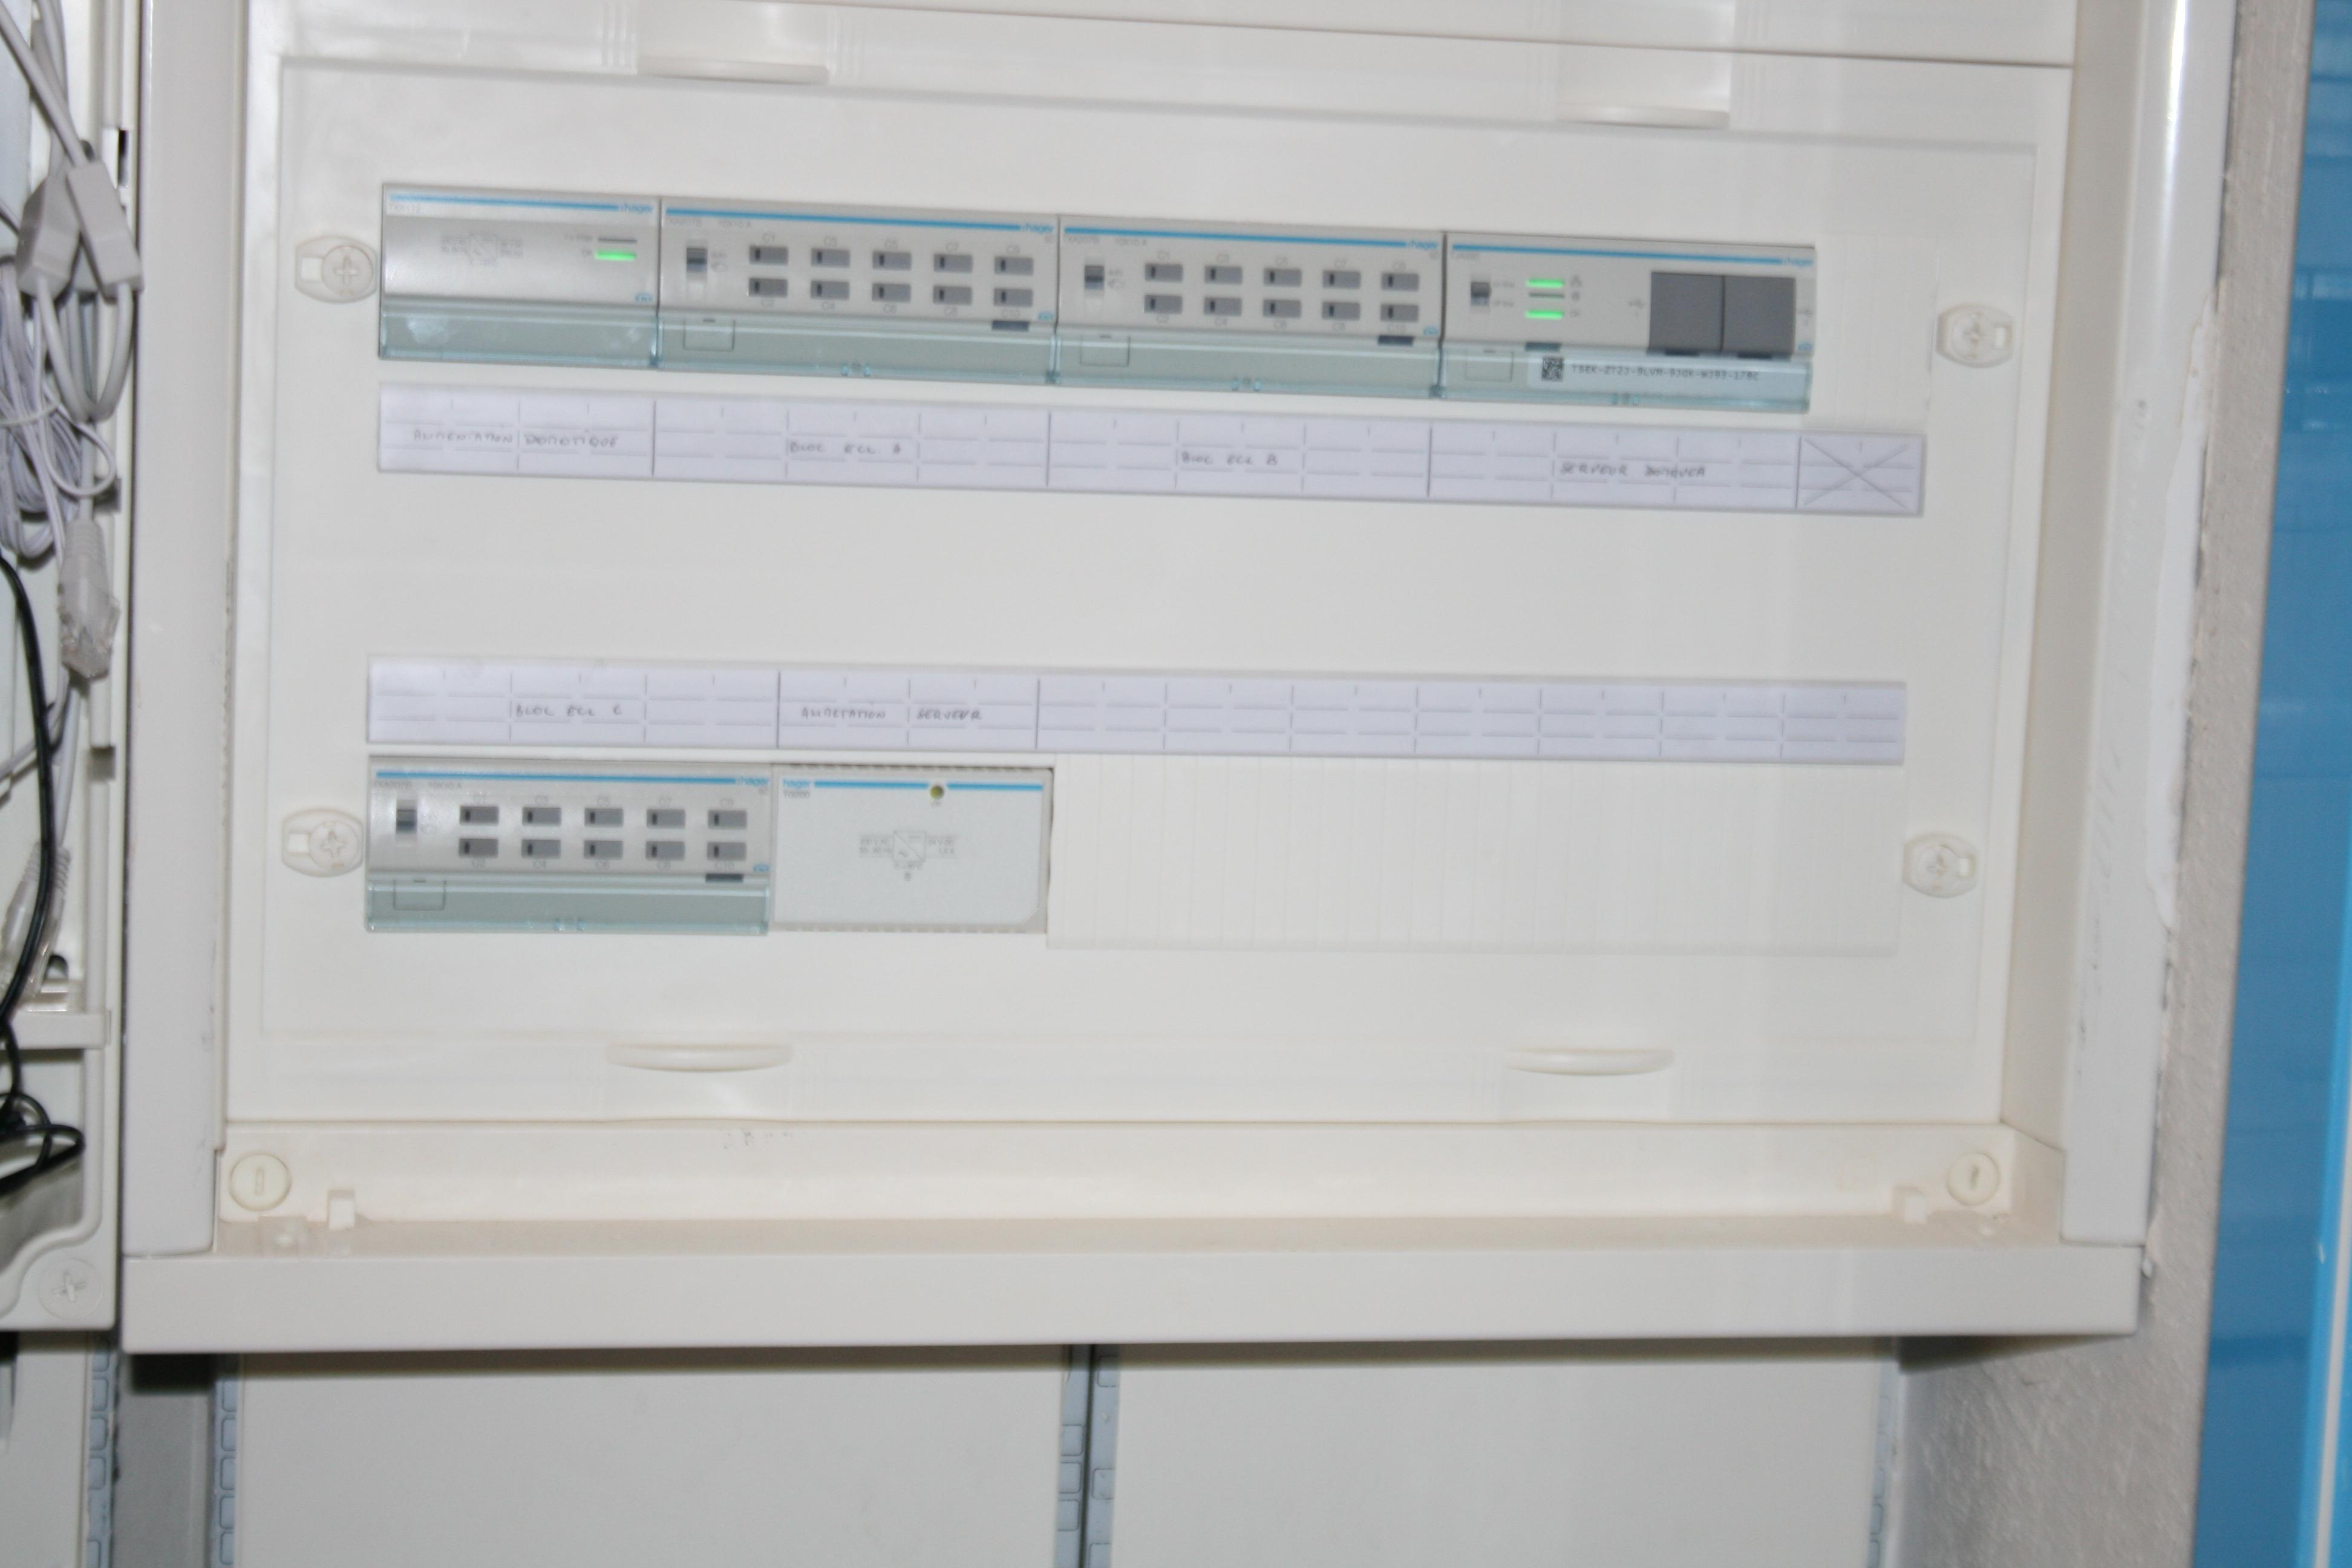 electricien lyon installation depannage electricite renovation tableau electrique domotique communication